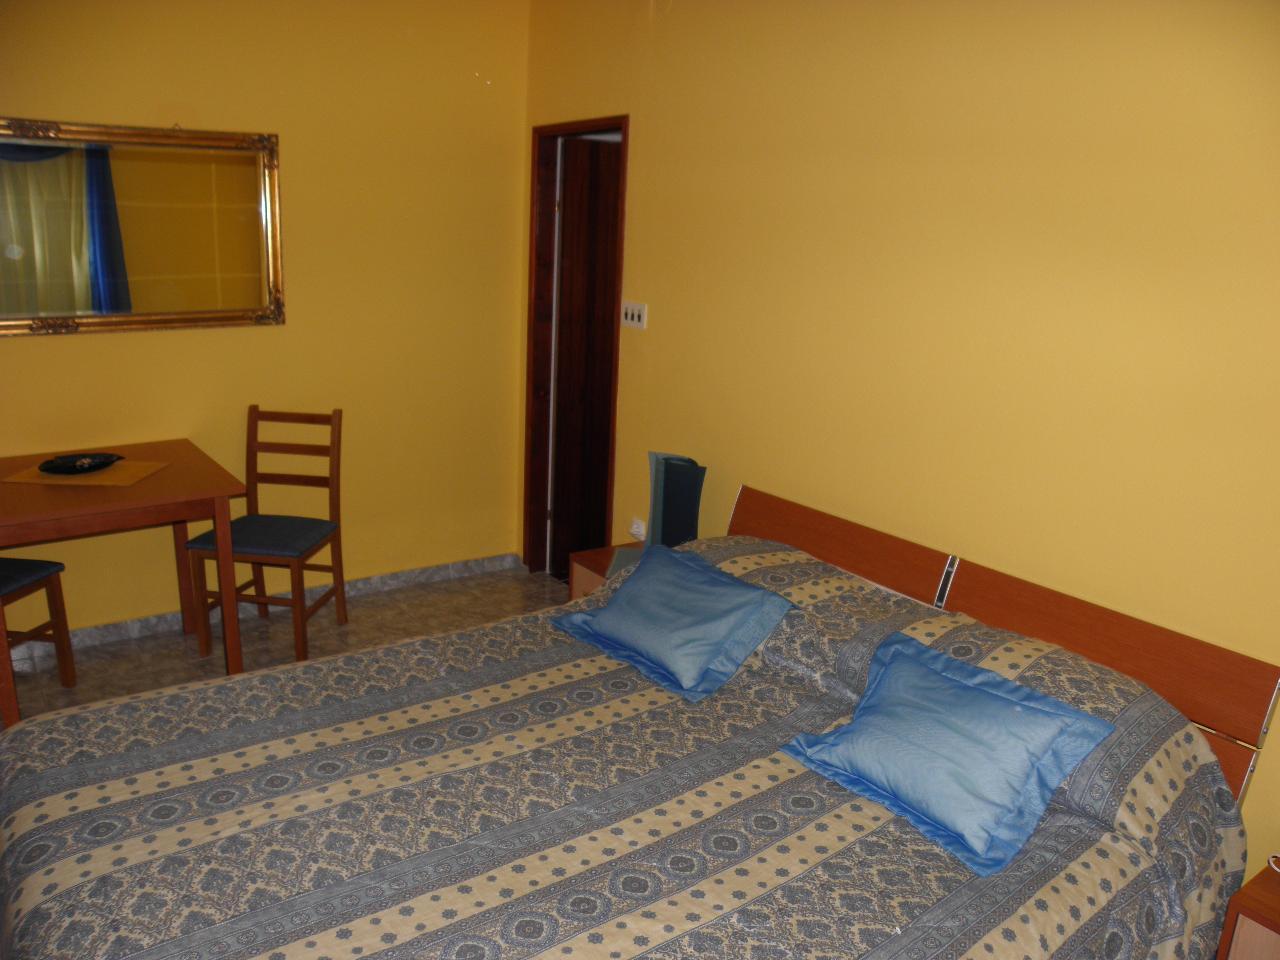 Gorda - Zadar - Appartamenti Croazia - A2(2): camera